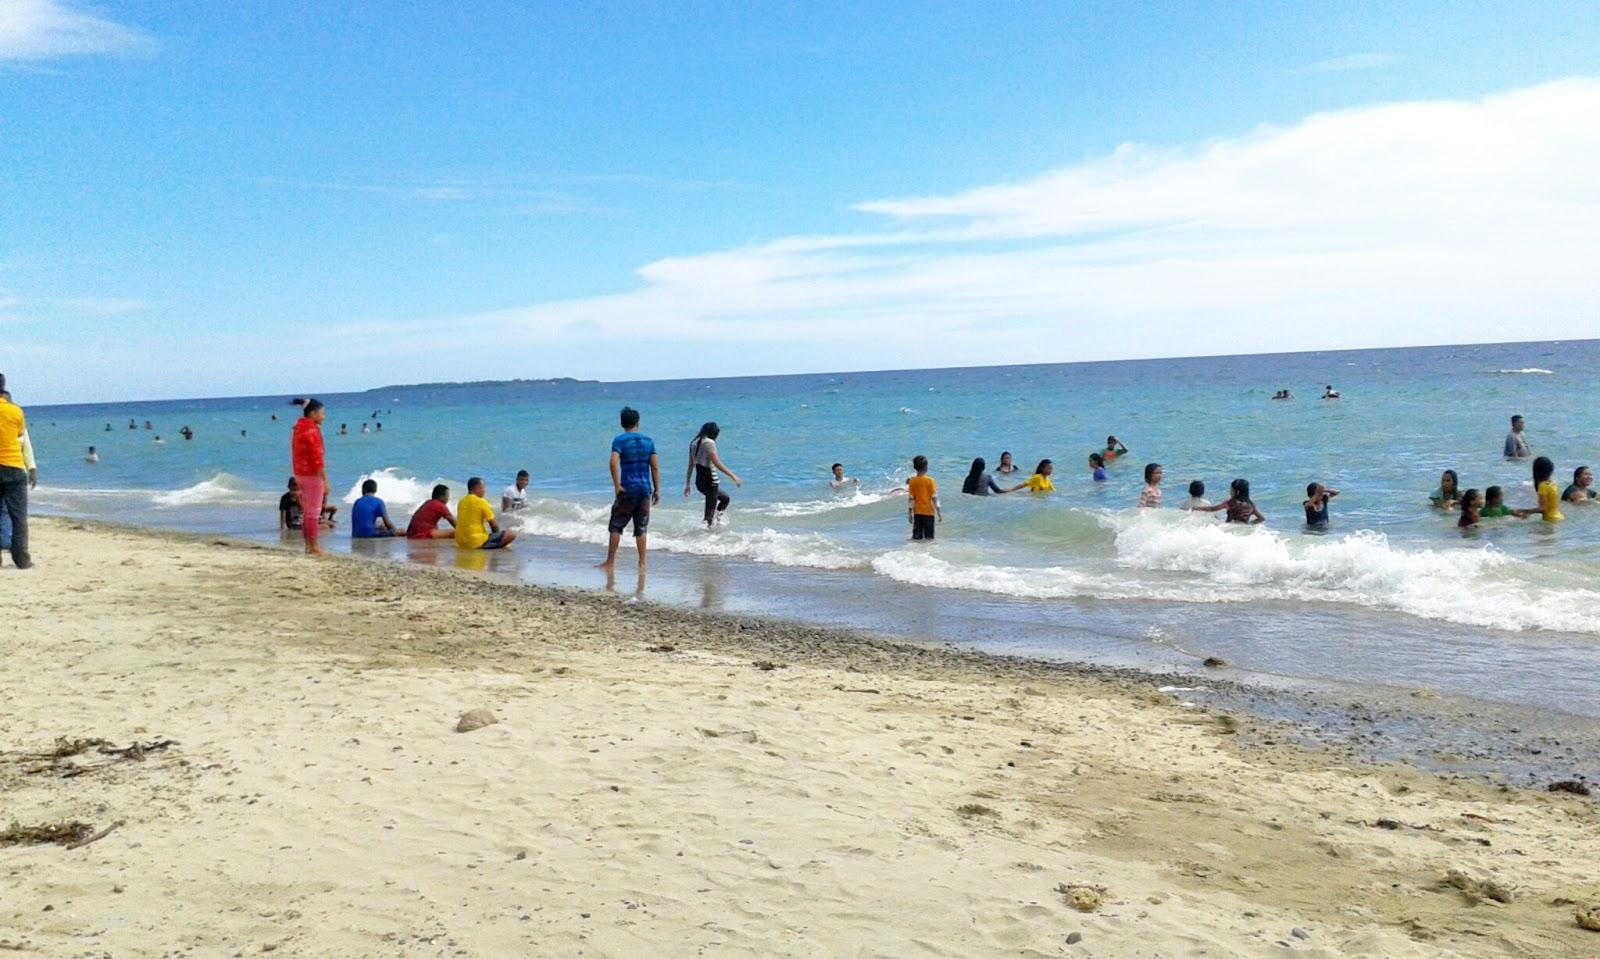 Aaaaa Jpg Sumber Moniceoktavina Blogspot Pantai Pasir Putih Leato Kab